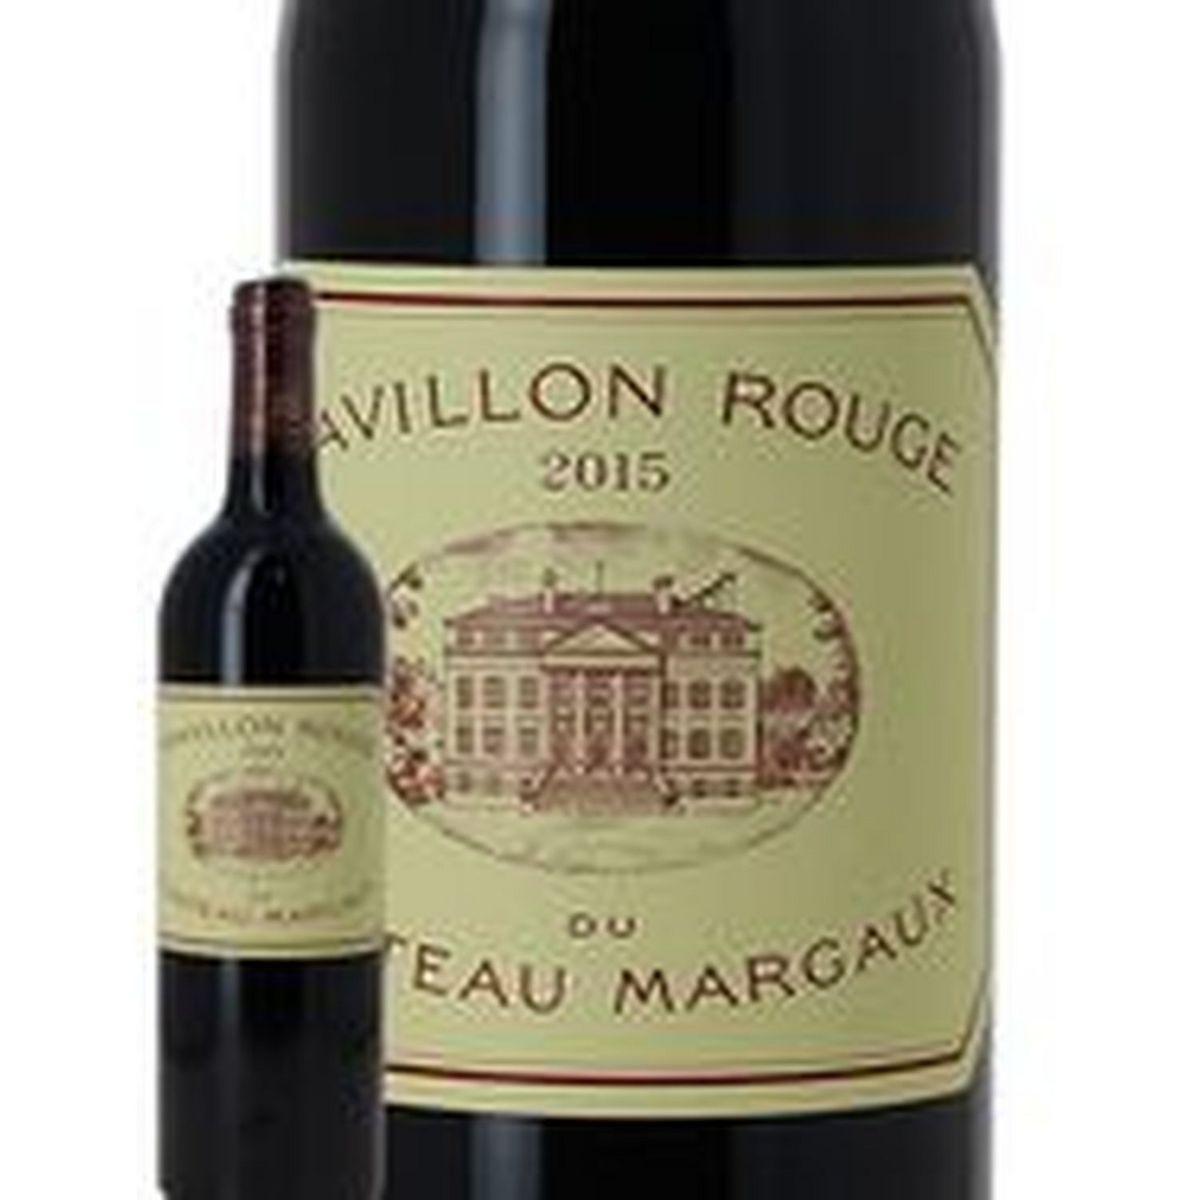 AOP Margaux Pavillon Rouge Du Château Margaux rouge 2015